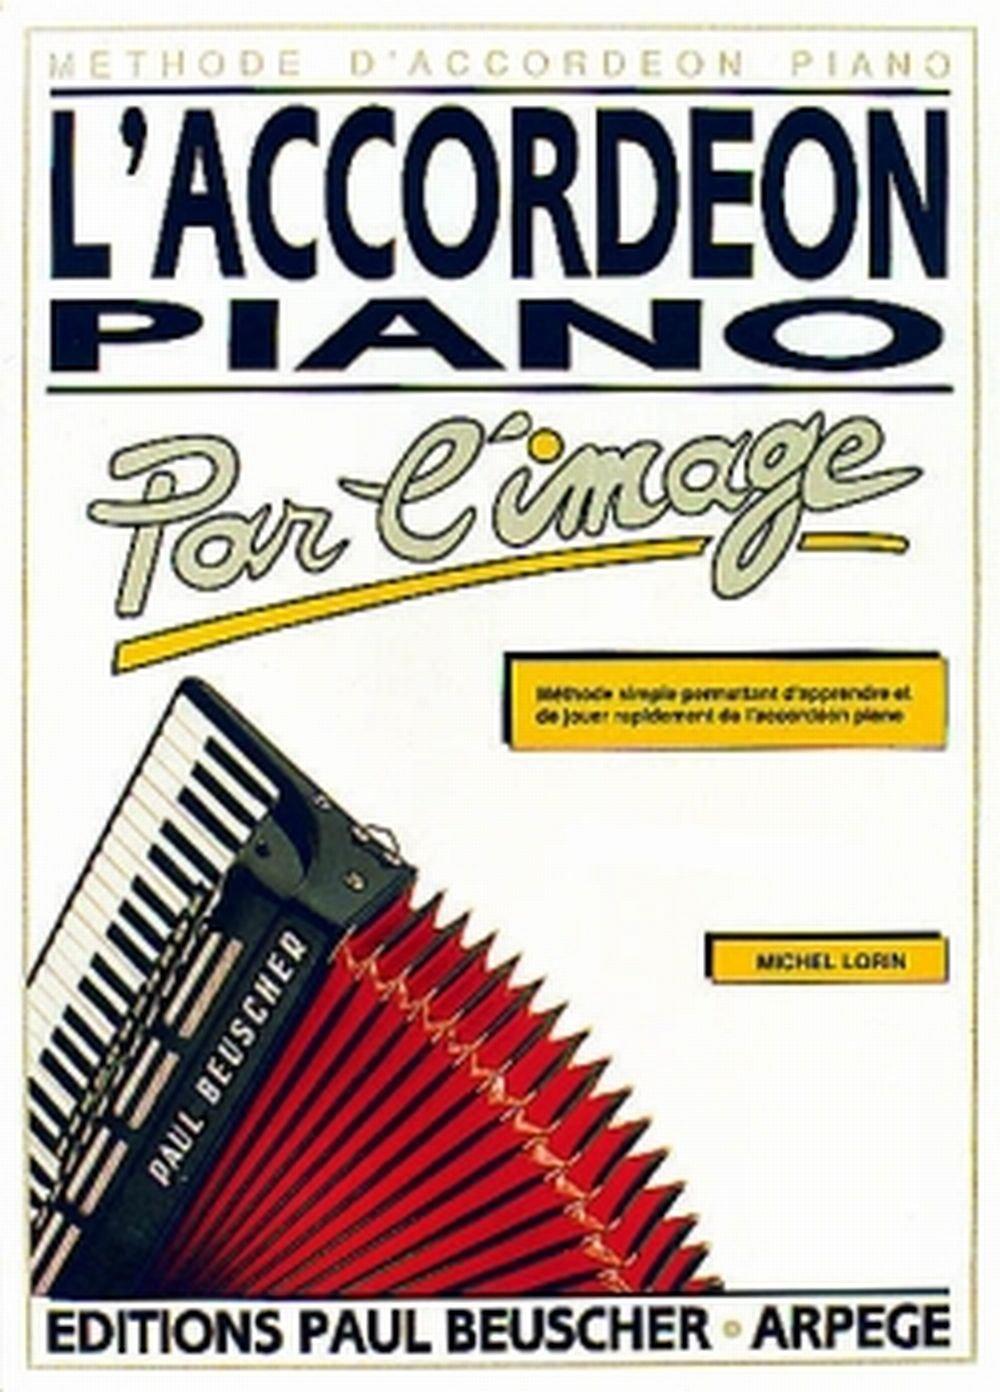 L'Accordéon Piano par l'Image Partition – 24 mars 2008 Jacky Delance Beuscher (Paul Beuscher) B000ZG64D6 Methode